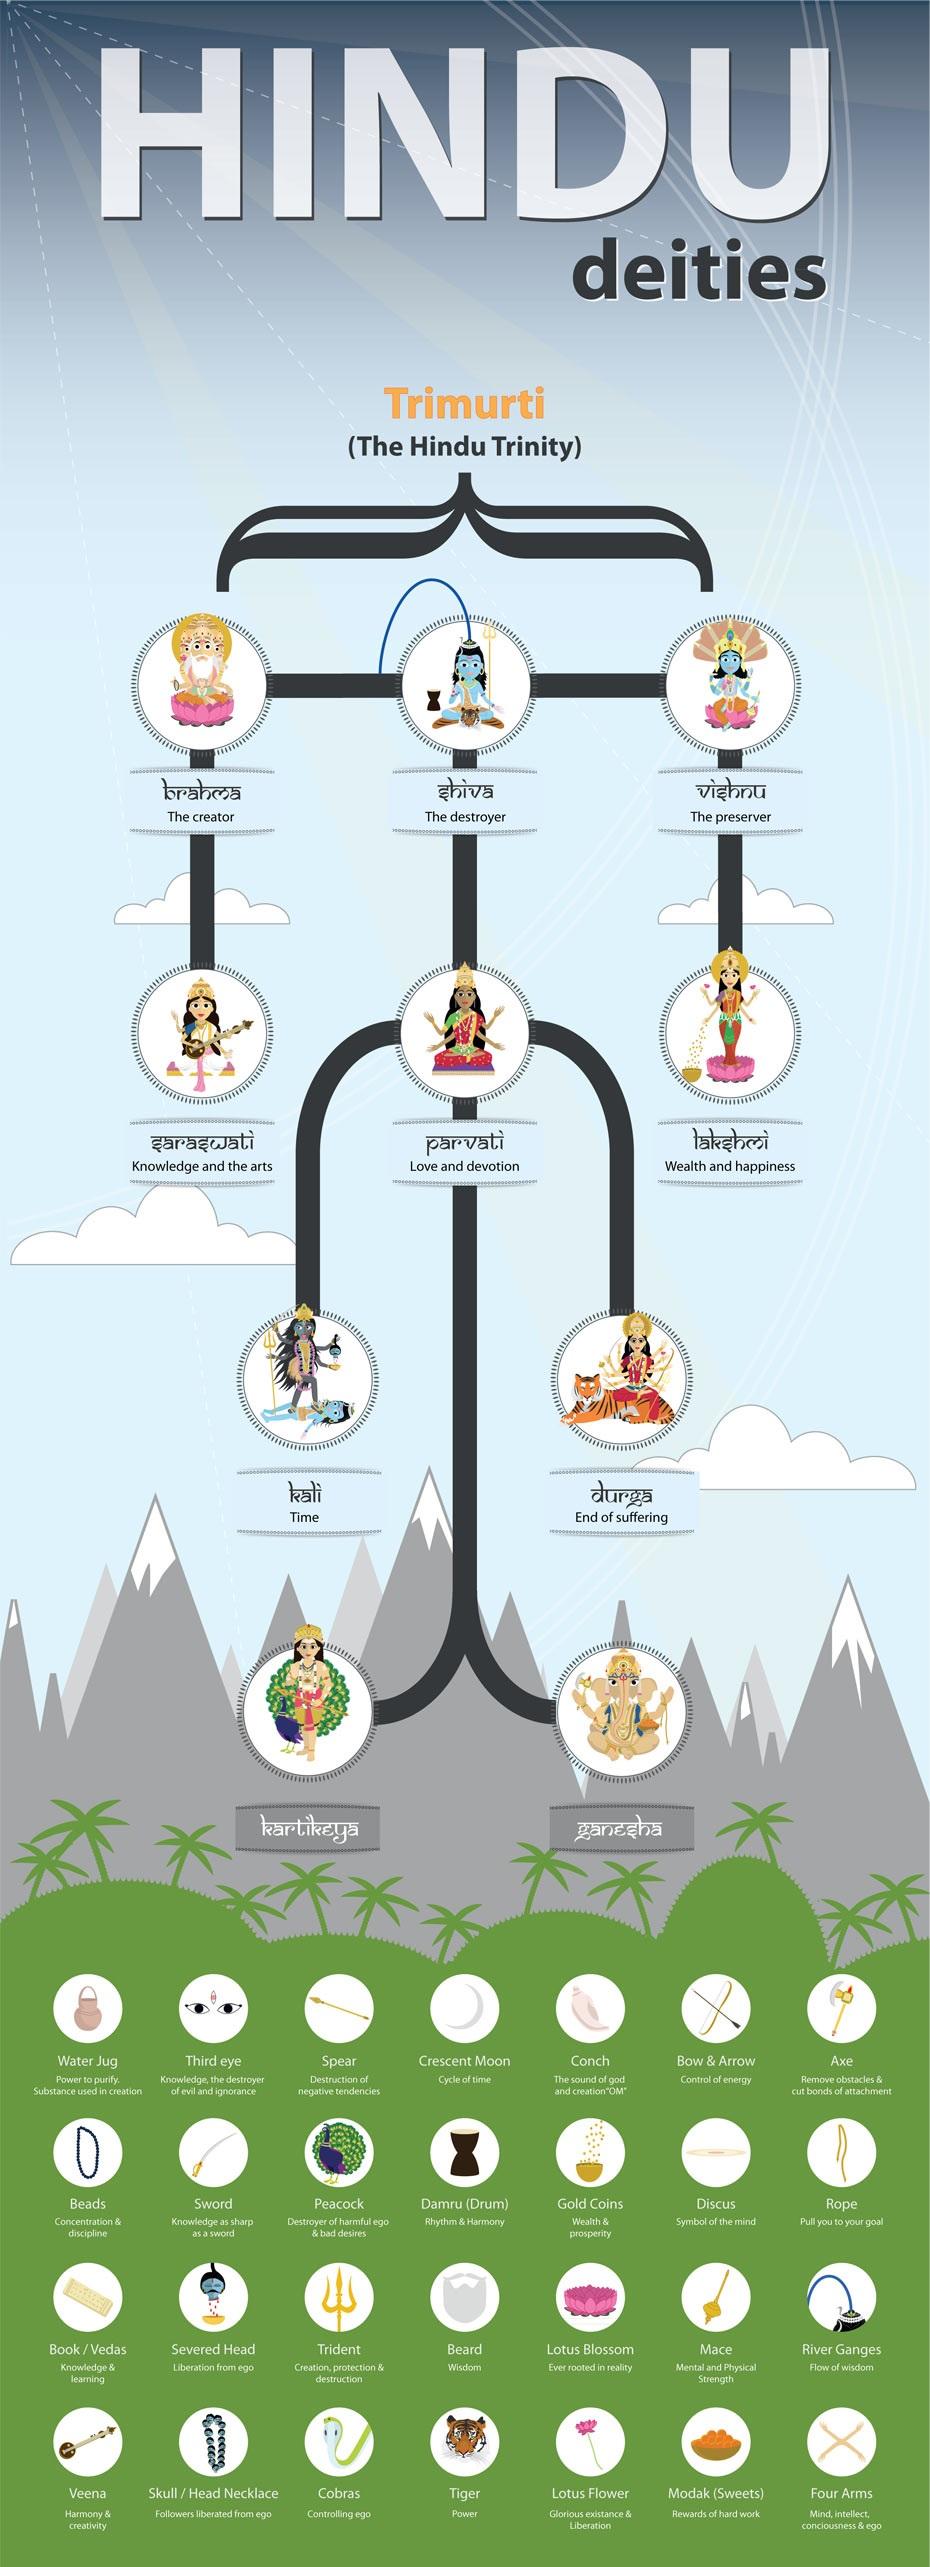 Understanding Hindu Deities